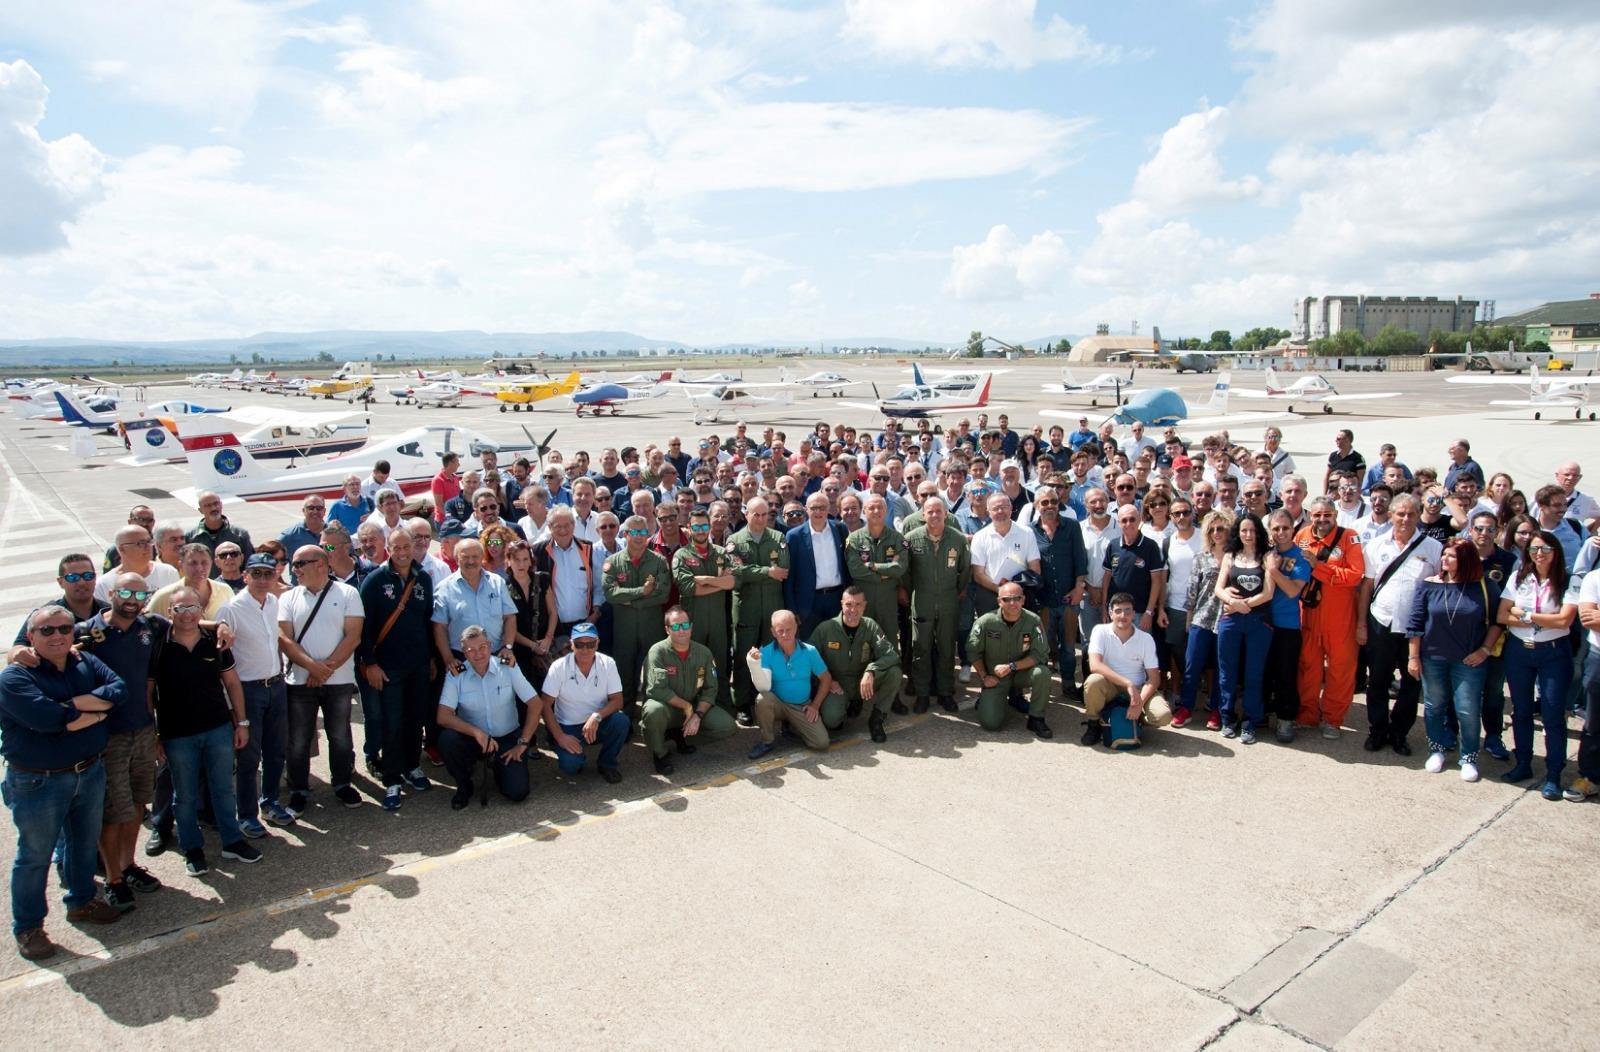 Ufficio Generale Per La Comunicazione Aeronautica Militare : Aeronautica militare il predator e le sue attività youtube